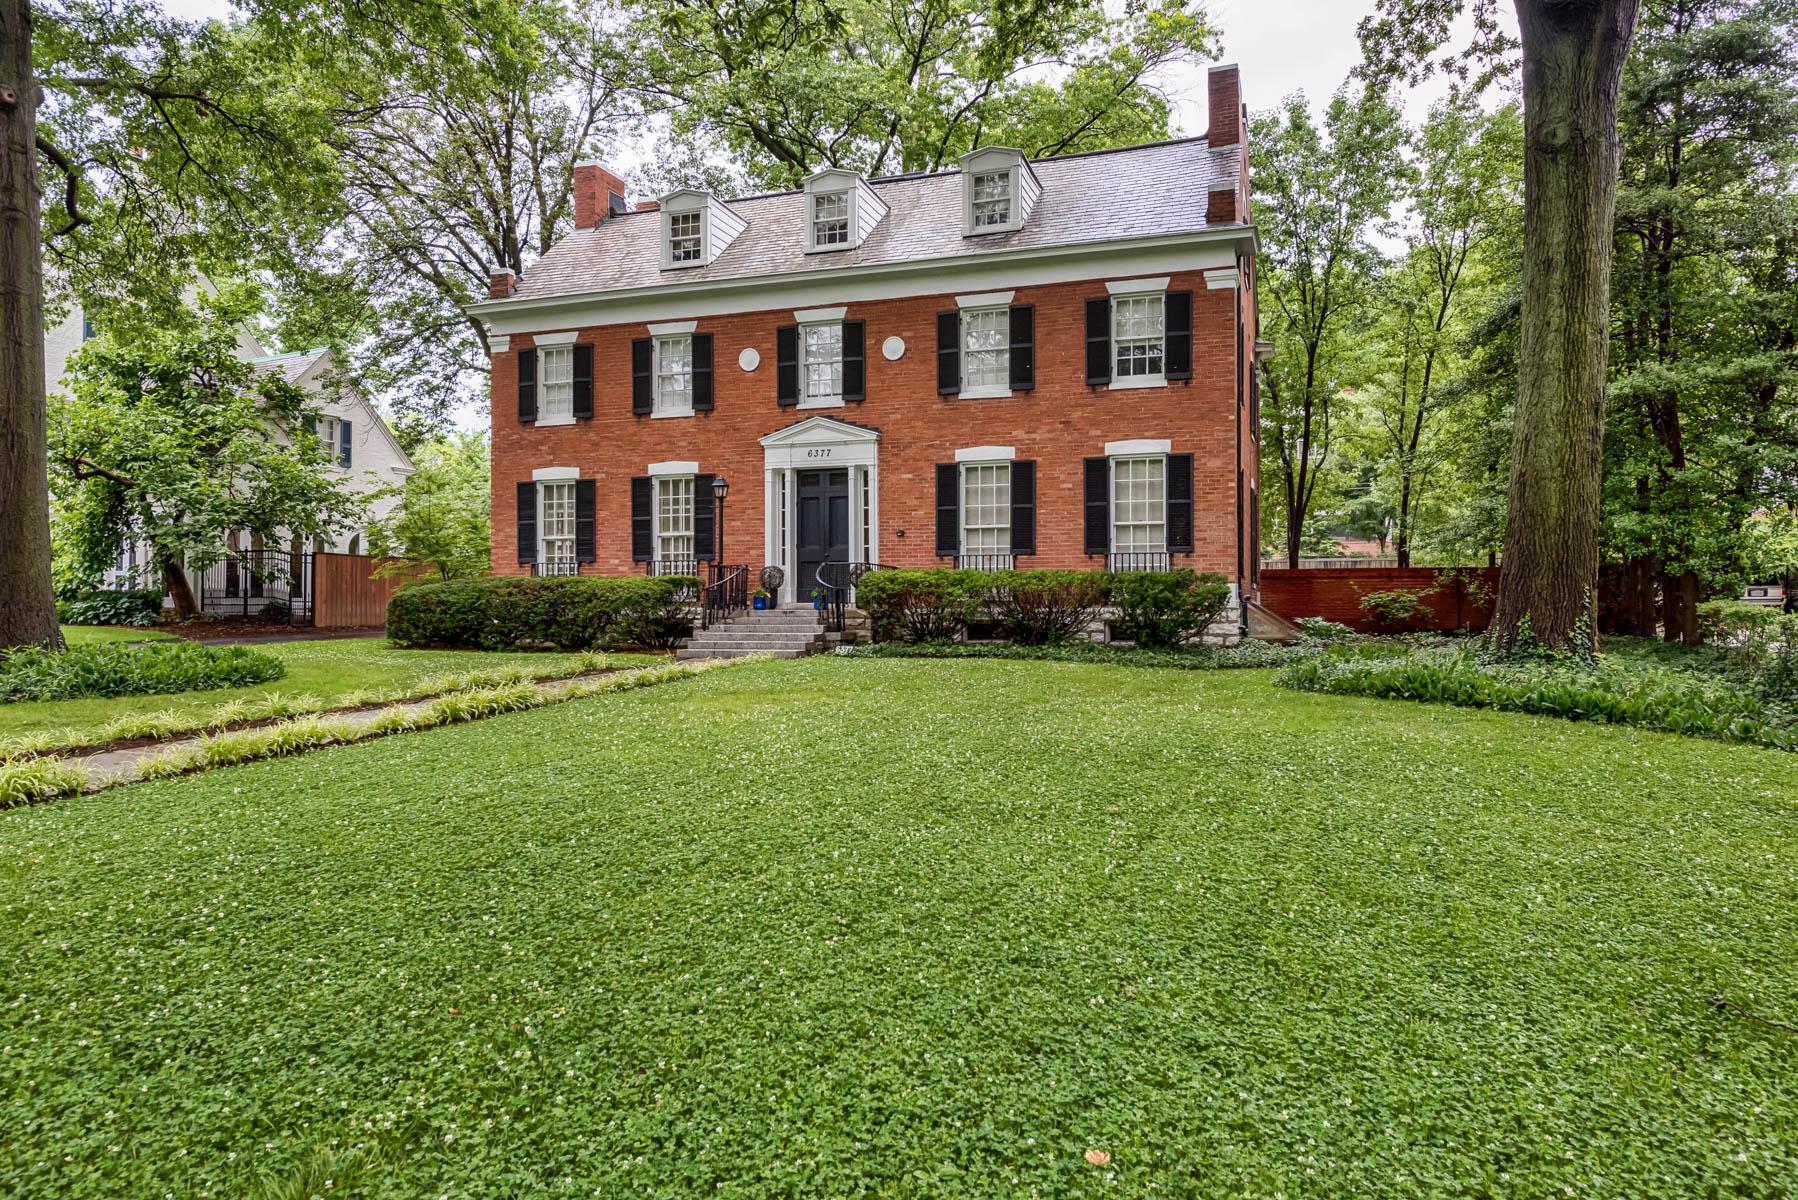 Casa Unifamiliar por un Venta en The Epitome of Georgian Revival 6377 Wydown Blvd Clayton, Missouri 63105 Estados Unidos